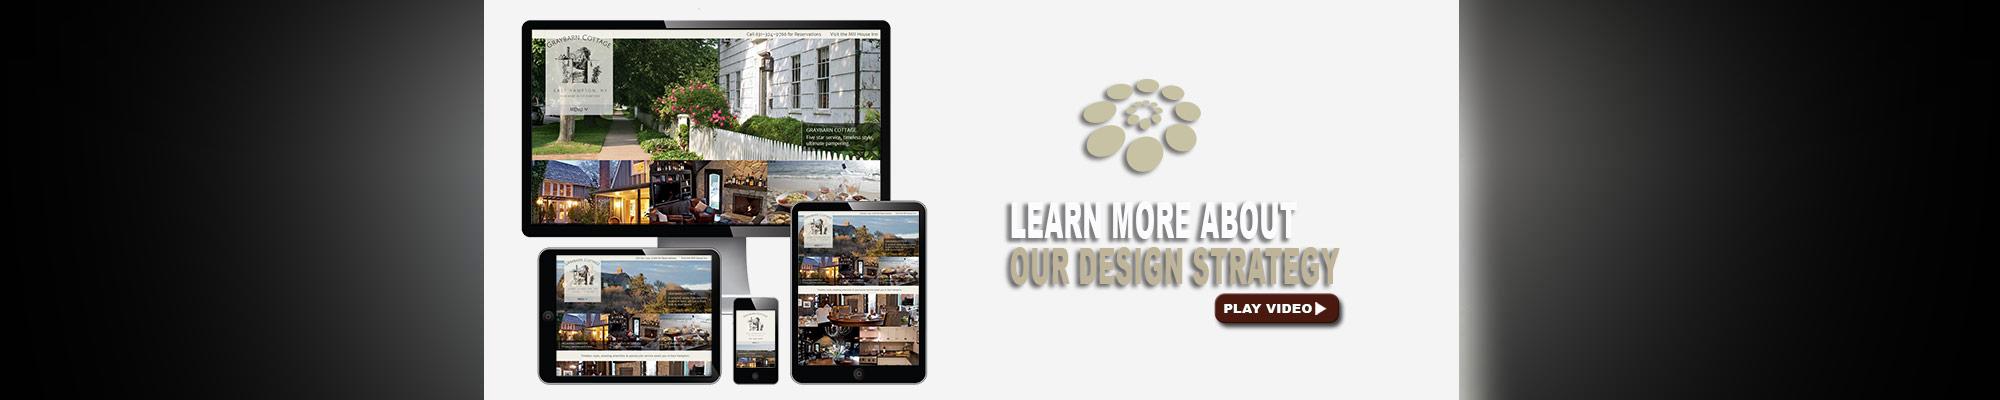 design-slide